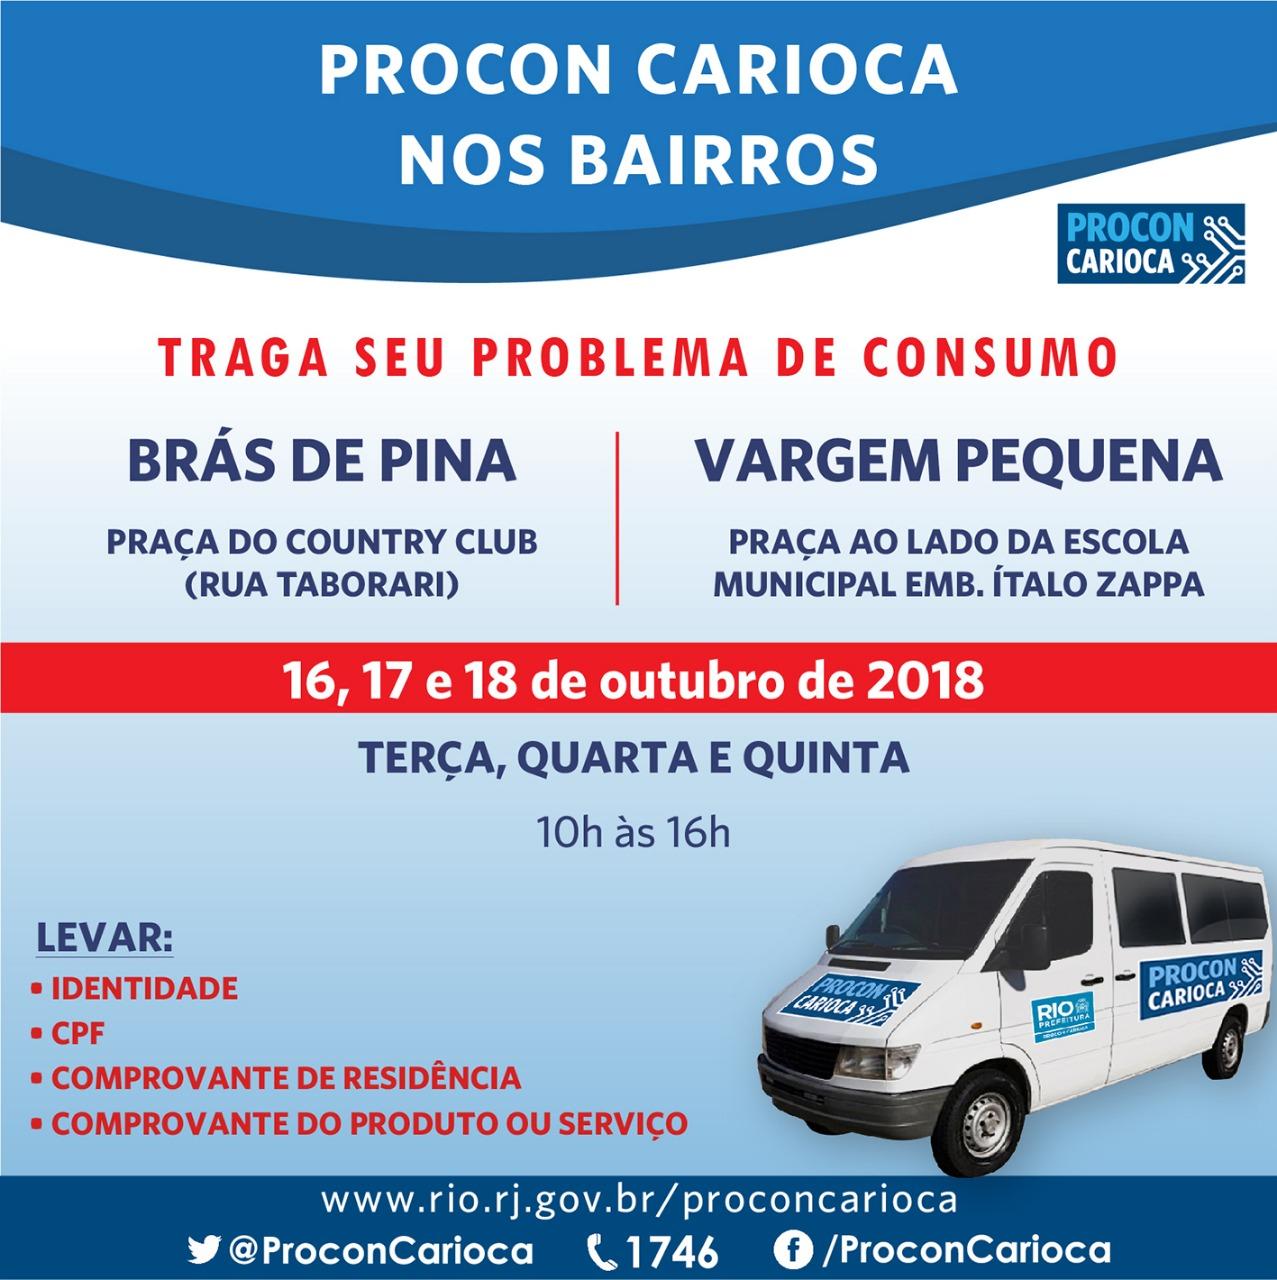 Procon Carioca atende Brás de Pina e Vargem Pequena nesta semana